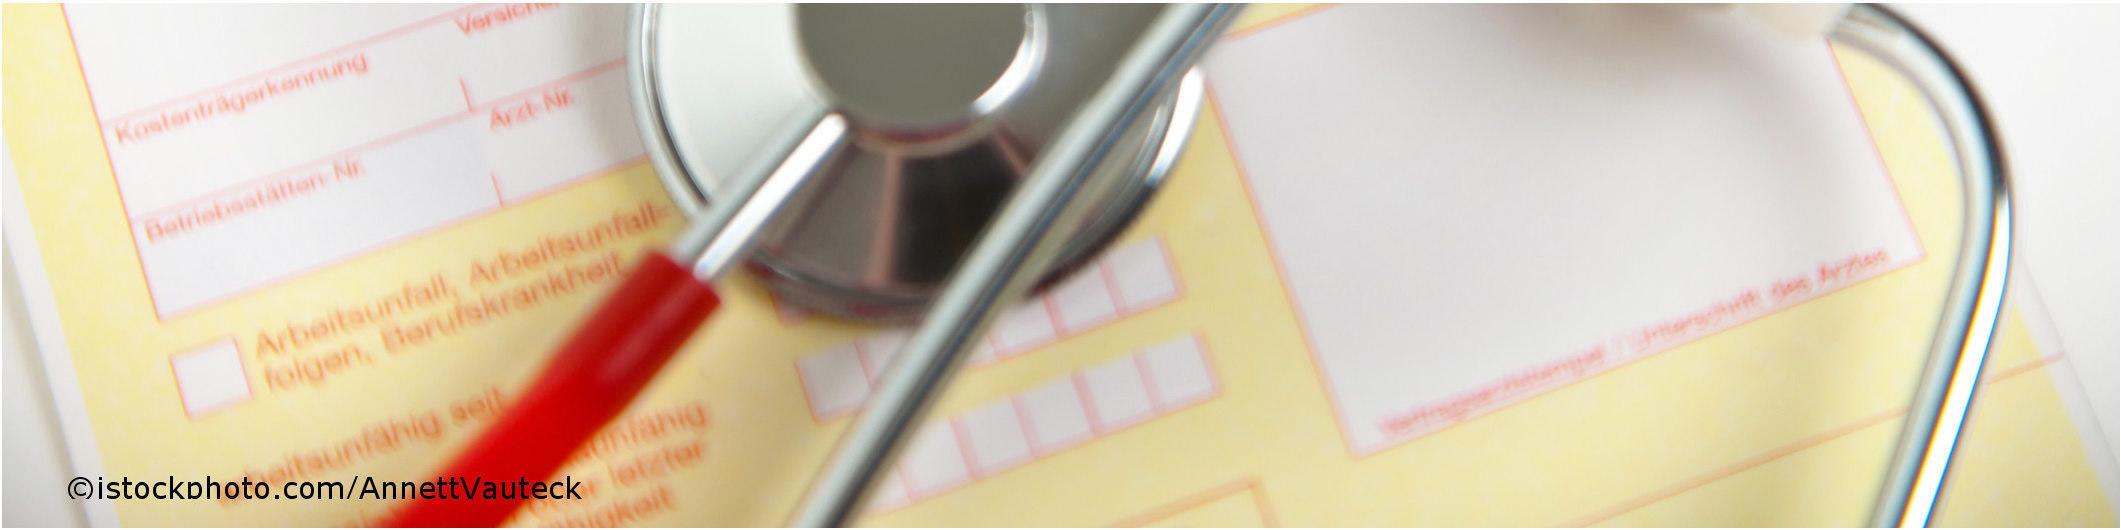 Im ICD-10 Diagnoseschlüssel steht A84 für eine durch Zecken übertragene Virusenzephalitis. Das ist eine durch Viren ausgelöste Entzündung des Gehirns.